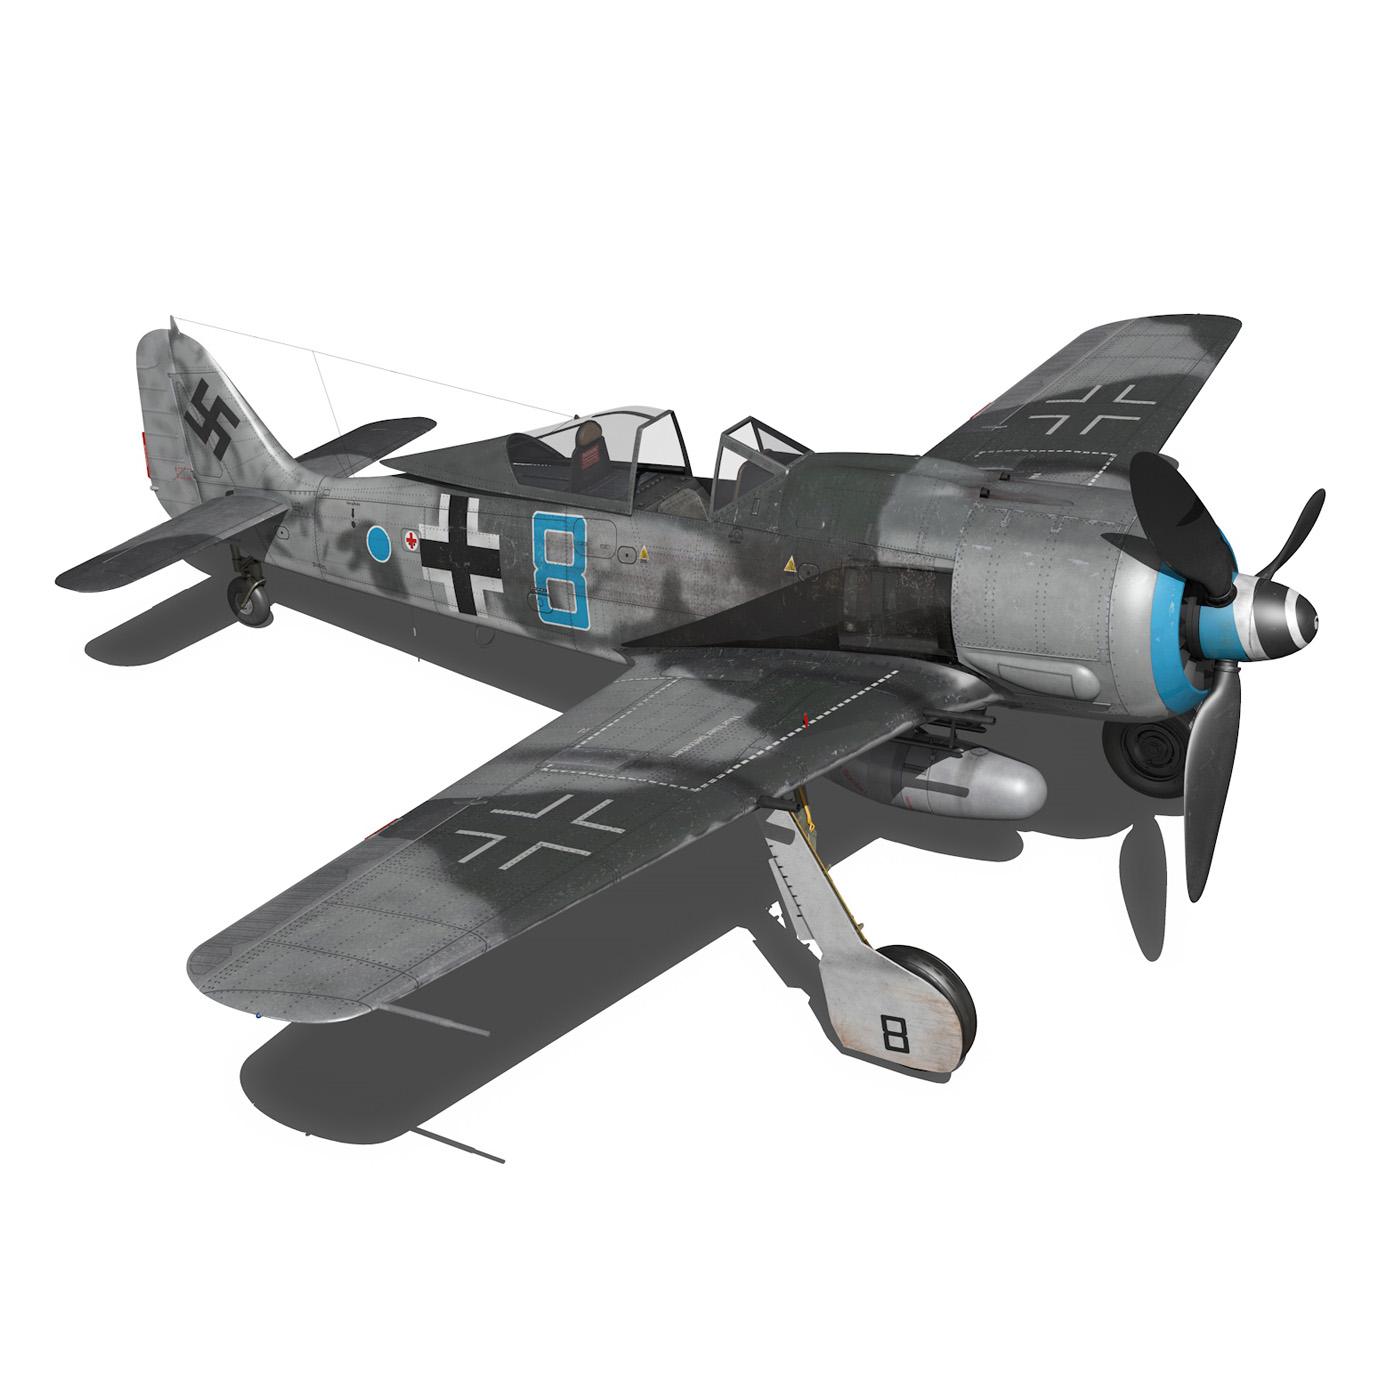 focke wulf – fw190 a8 – blue 8 3d model 3ds fbx c4d lwo obj 293557